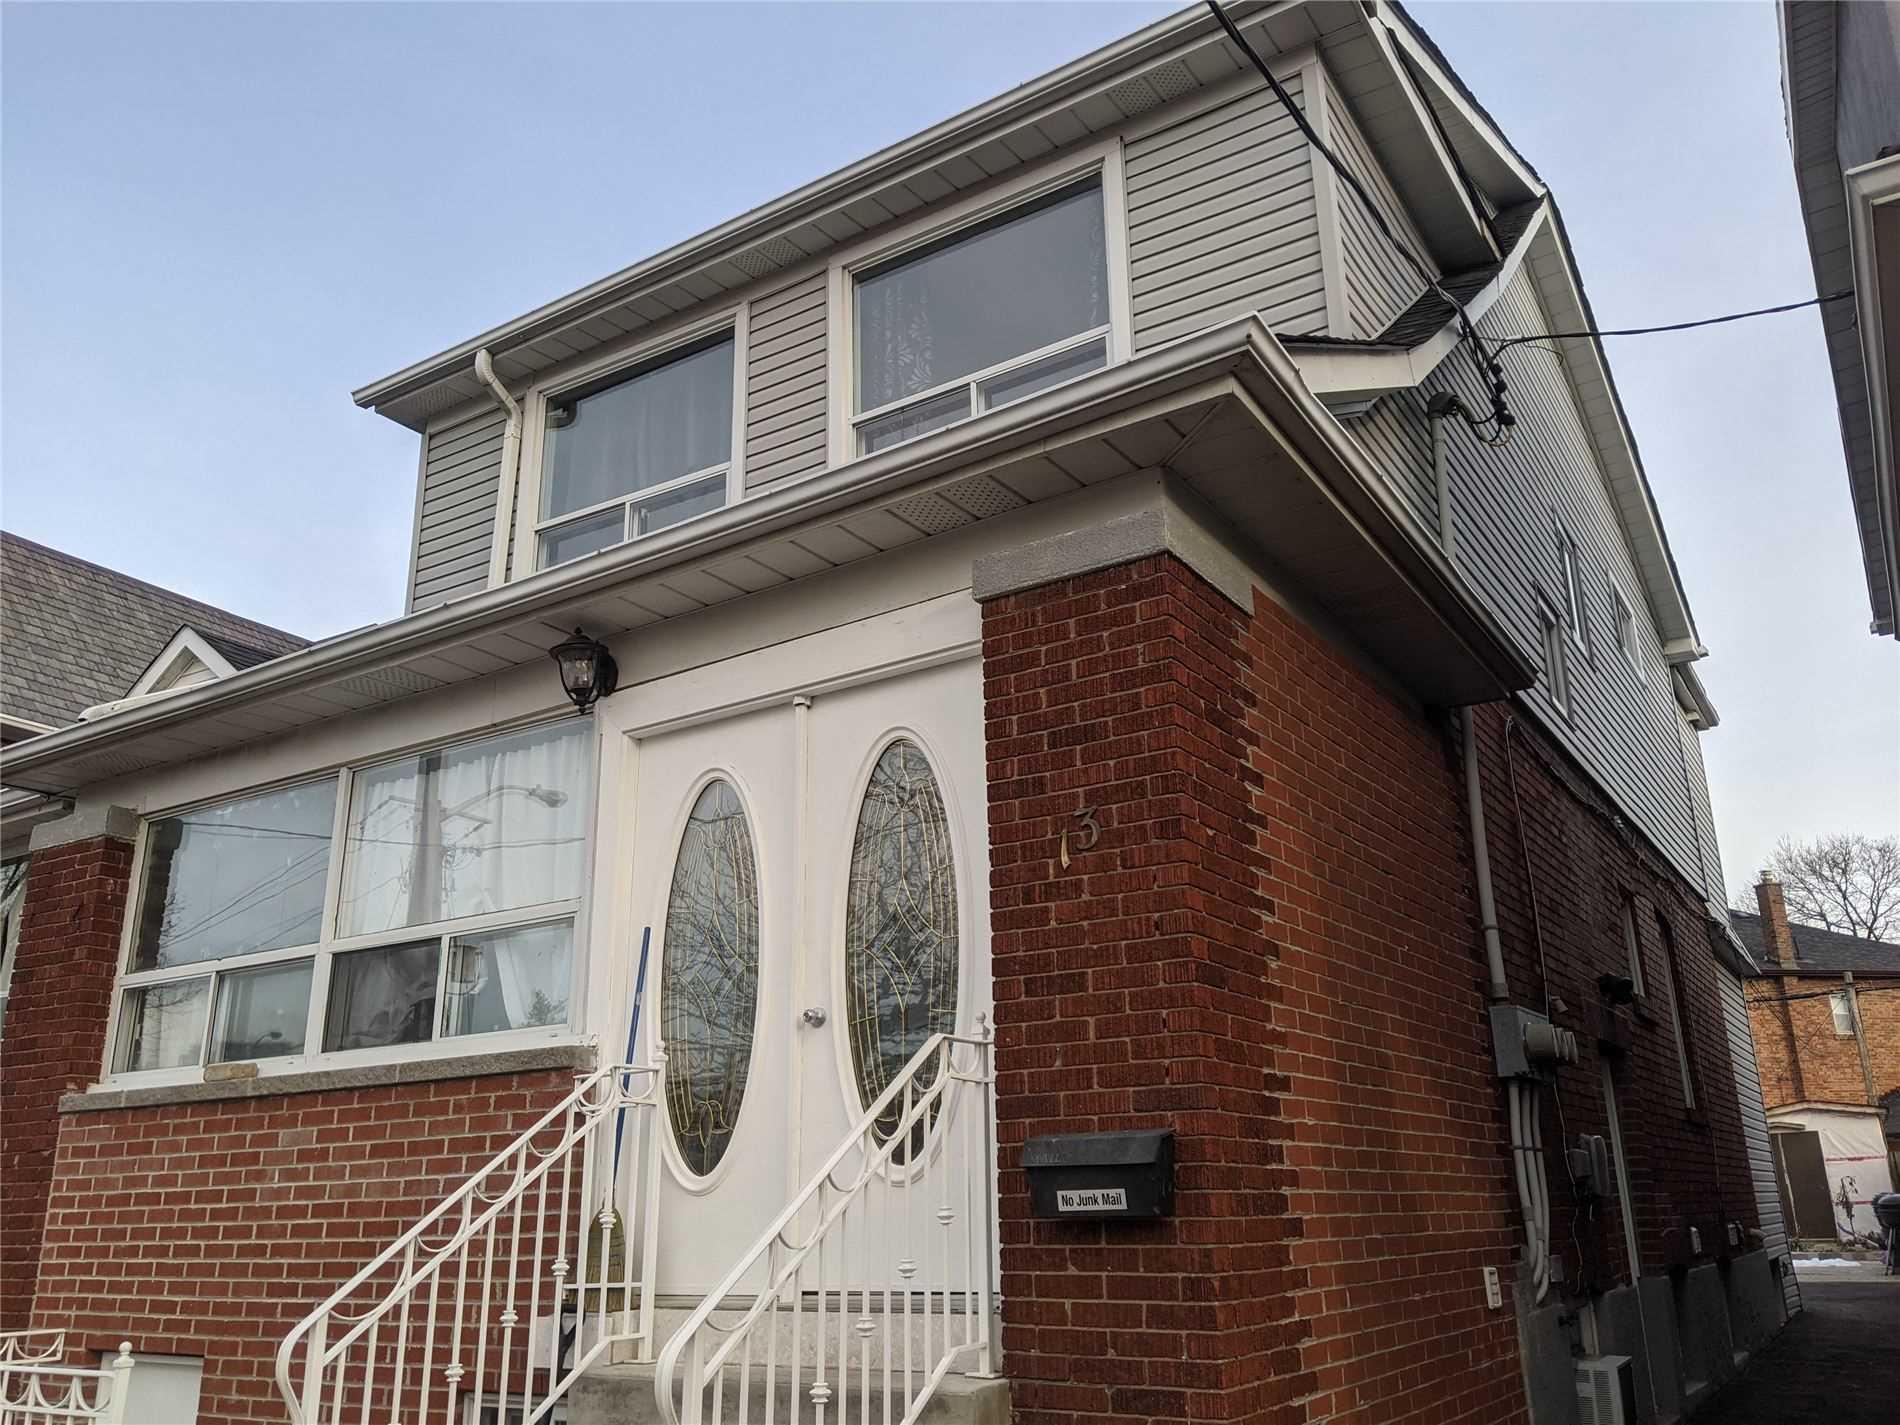 13 Bansley Ave - C5097522 - $1,298,000